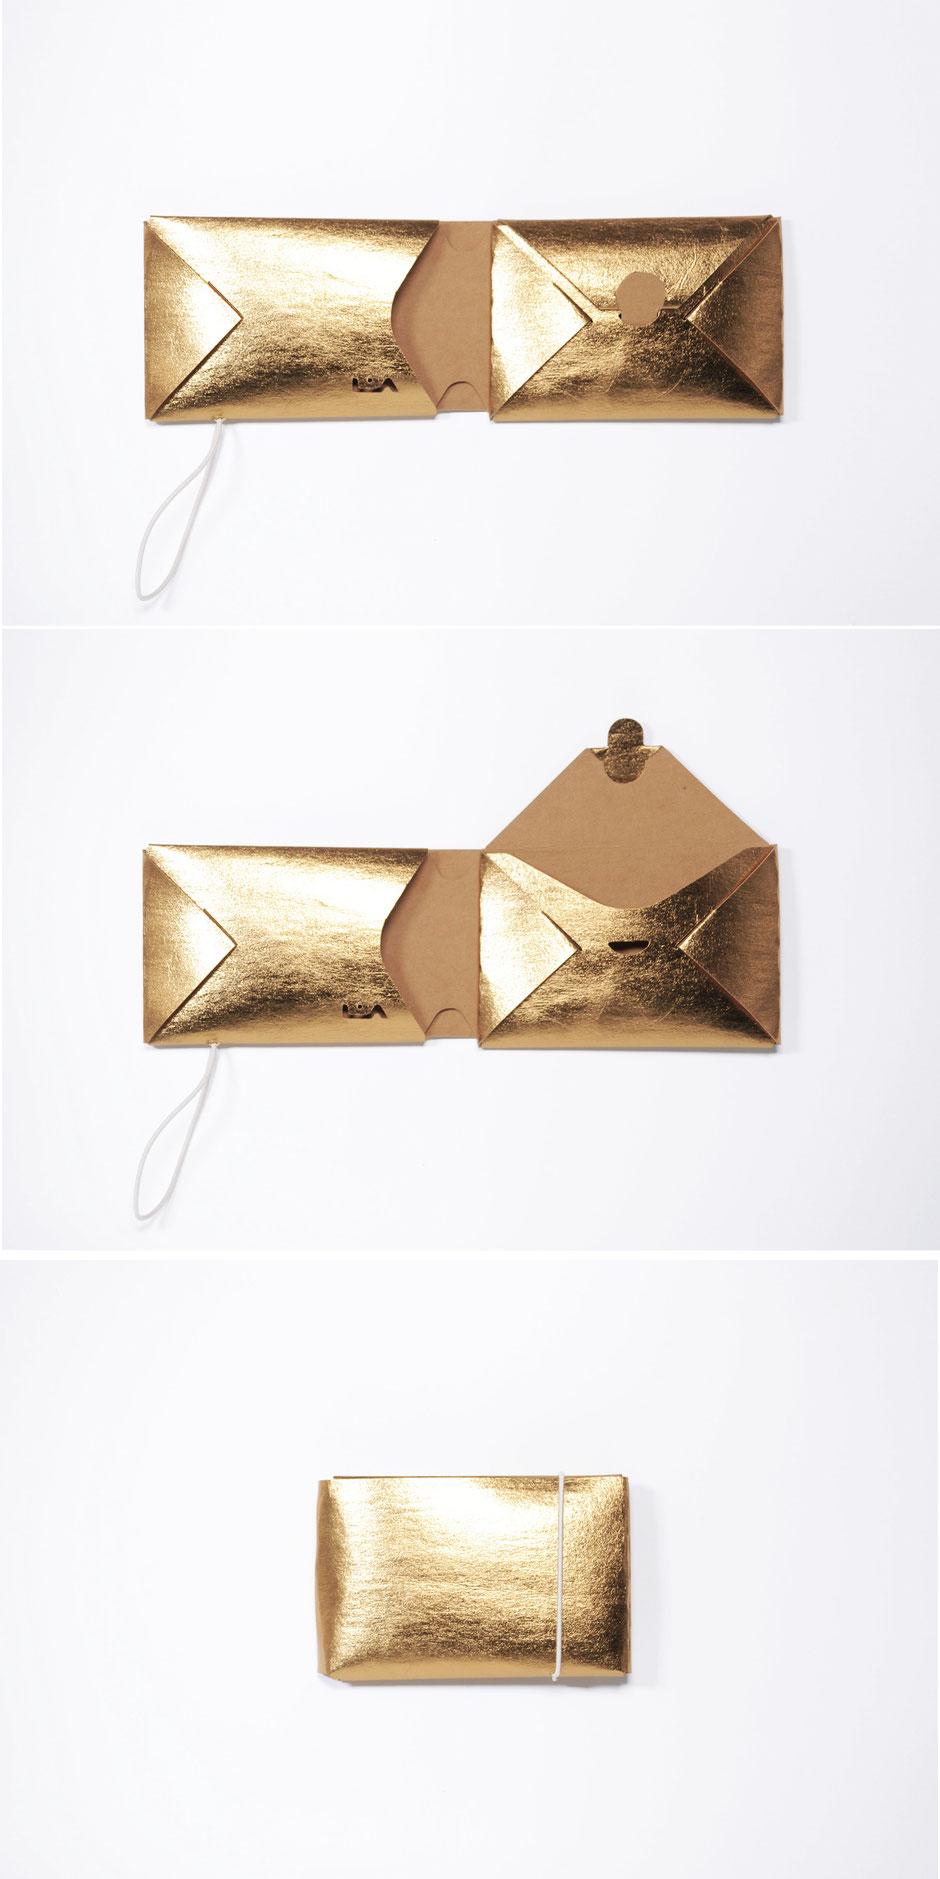 liaform Portemonnaie REM gold/natur. Nahtlos gefaltete, vegane Mini Geldbörse (Purse, Portmonnee, Geldbeutel)